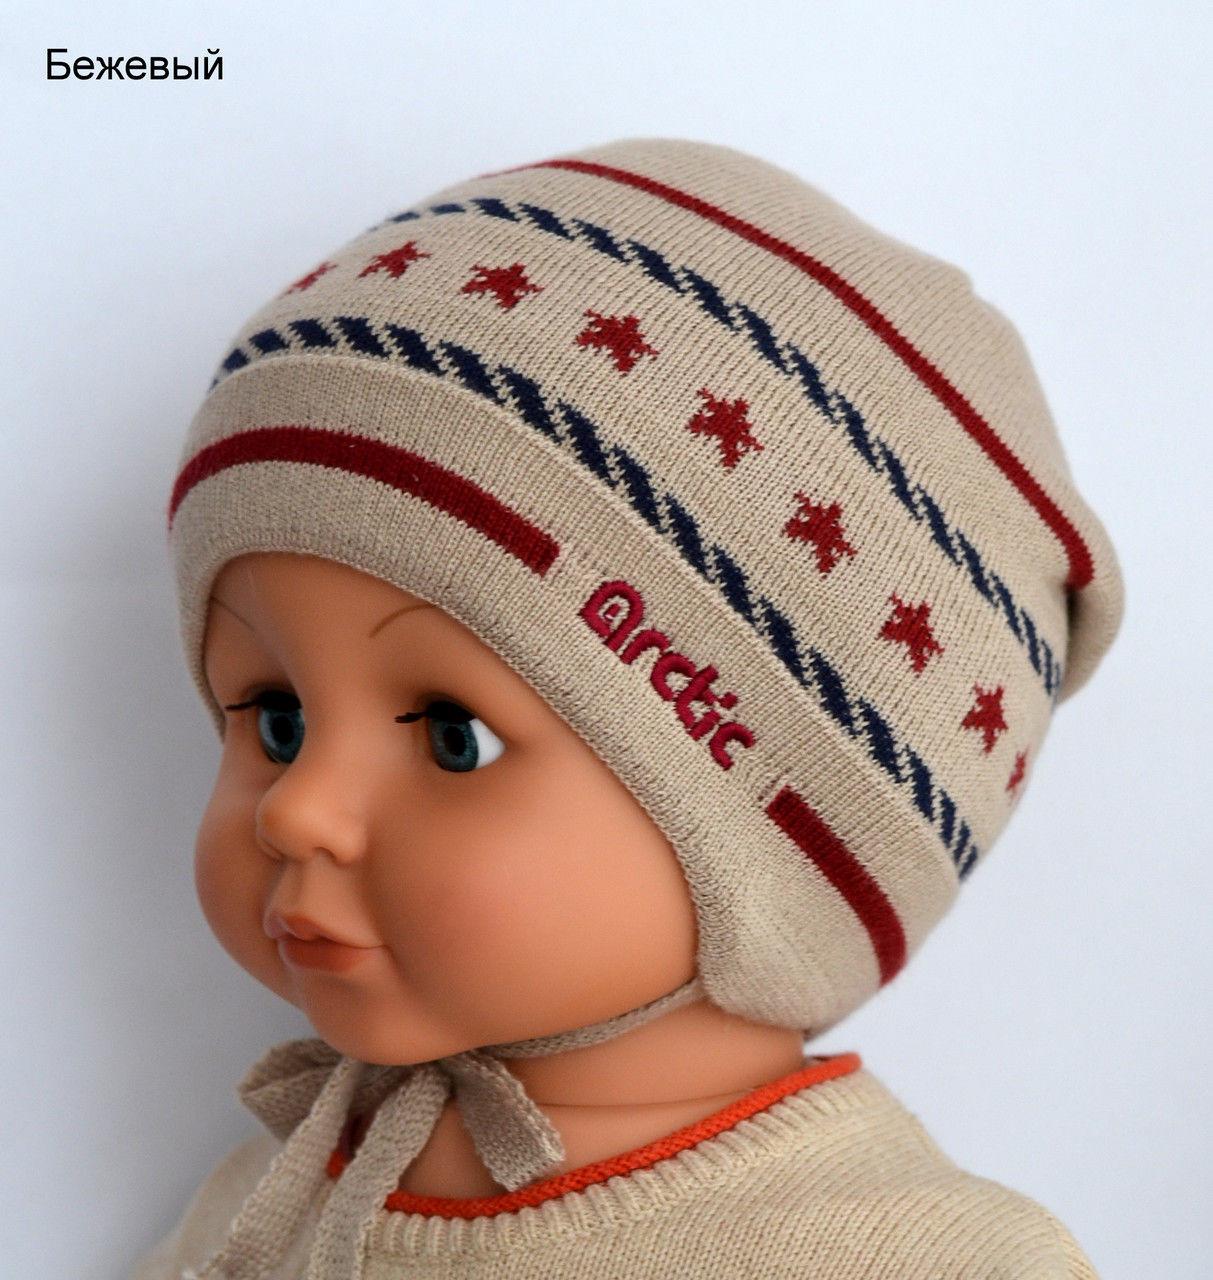 Детская шапка мальчику на год